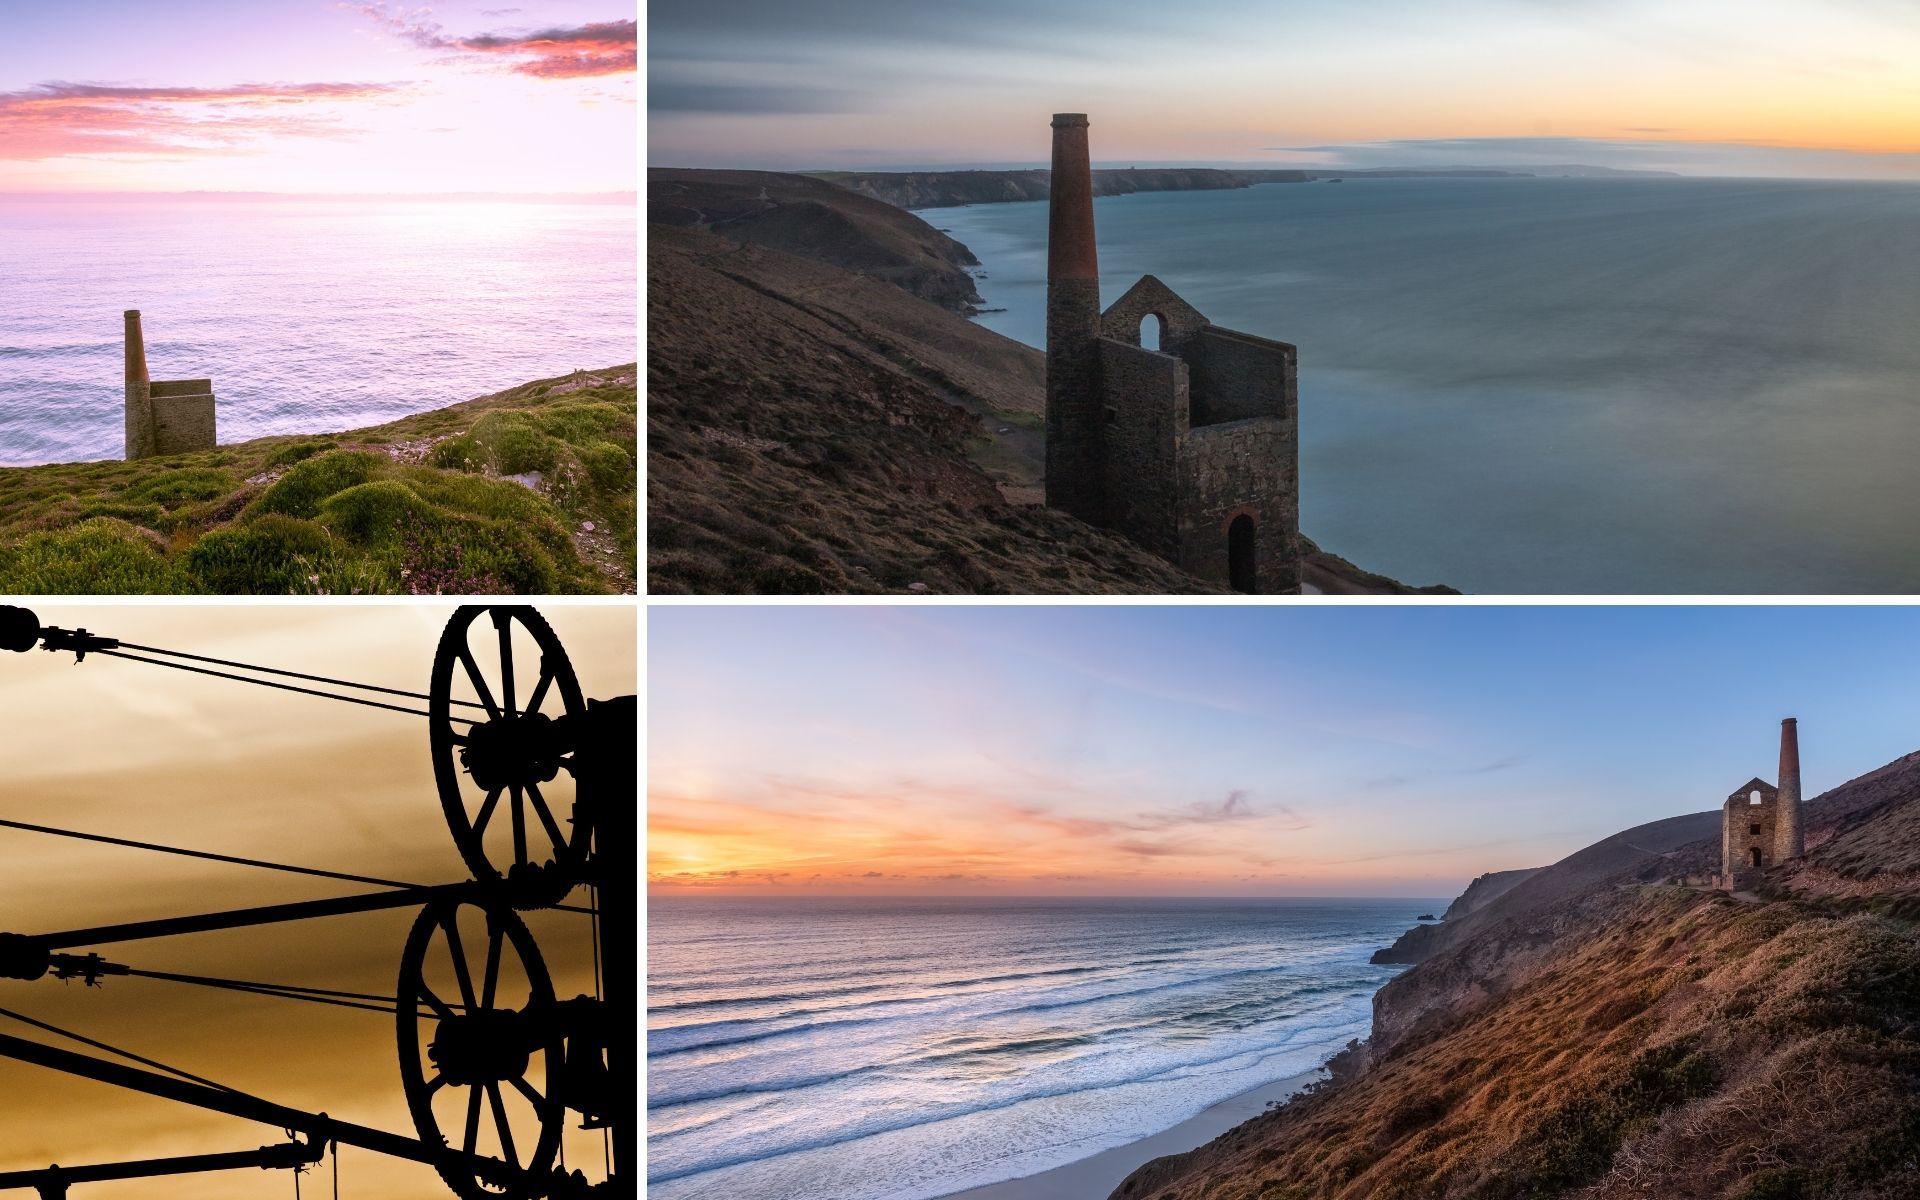 Cornish tin mines on the coast